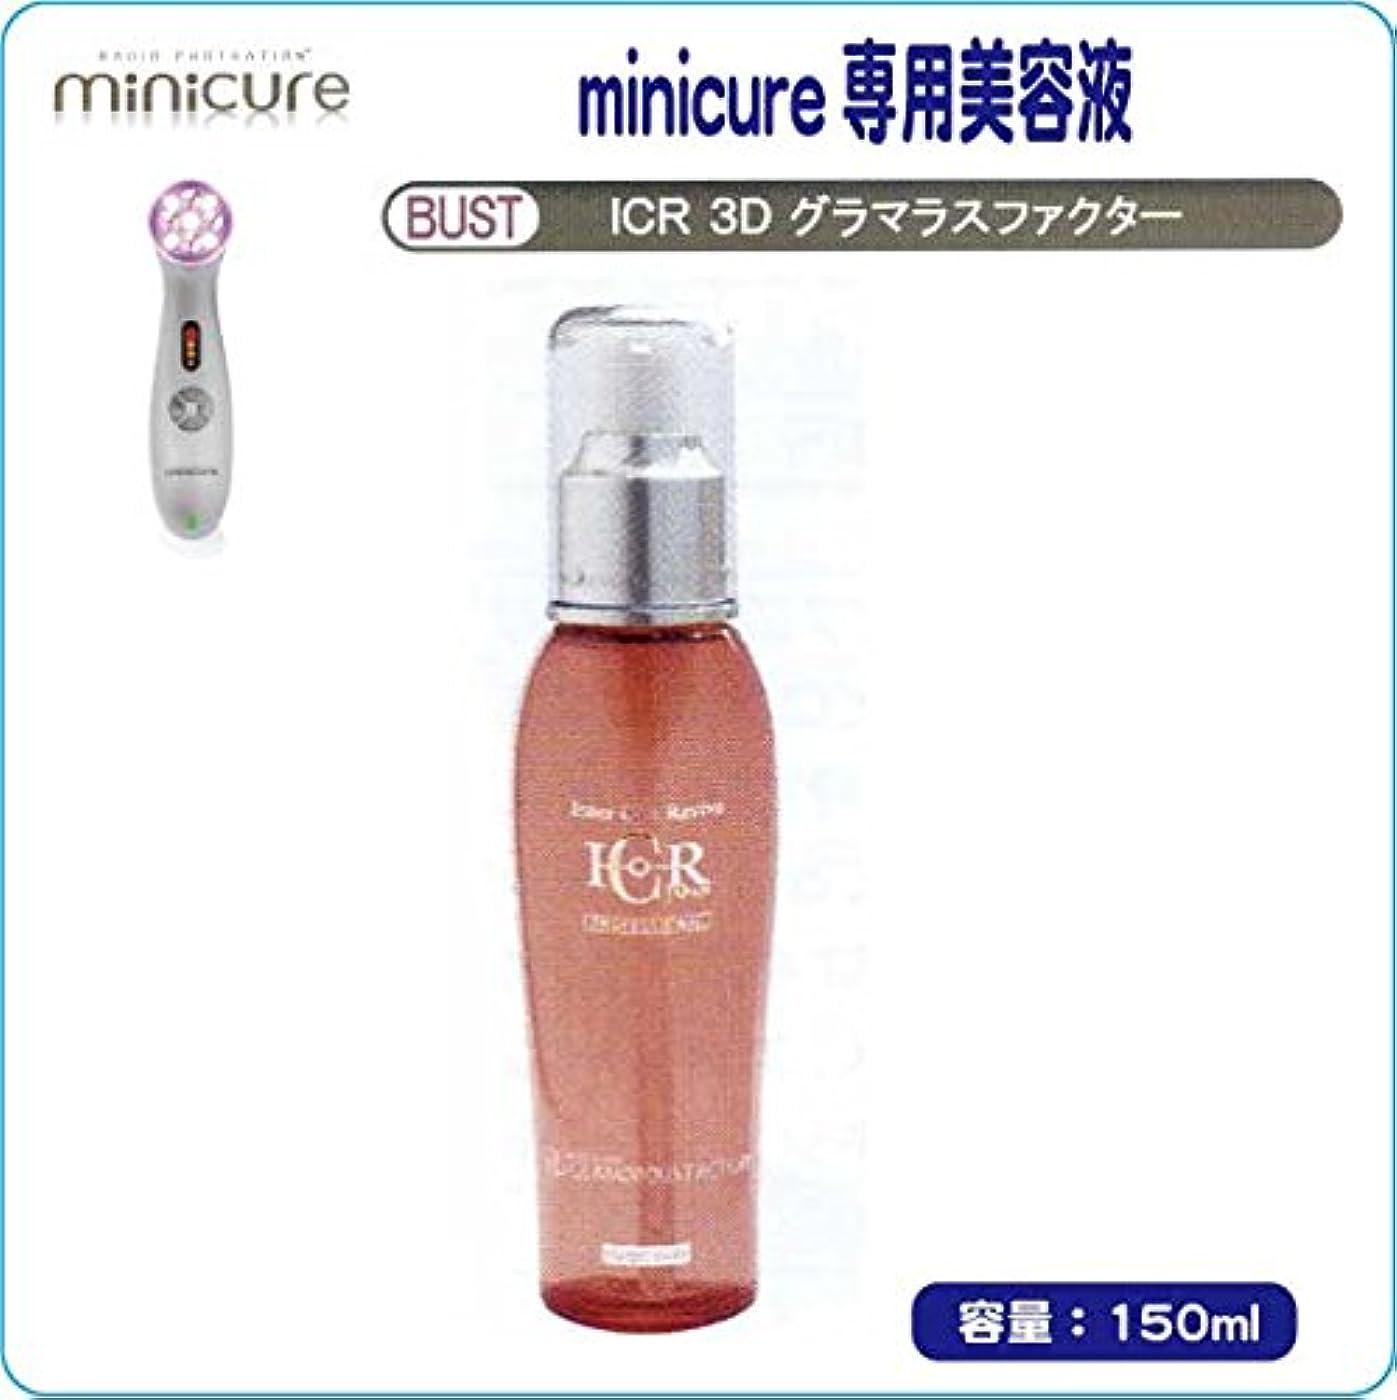 実験的聖なるまもなく【minicure専用美容液シリーズ】  【BUST】ICR 3D グラマラスファクター  150ml